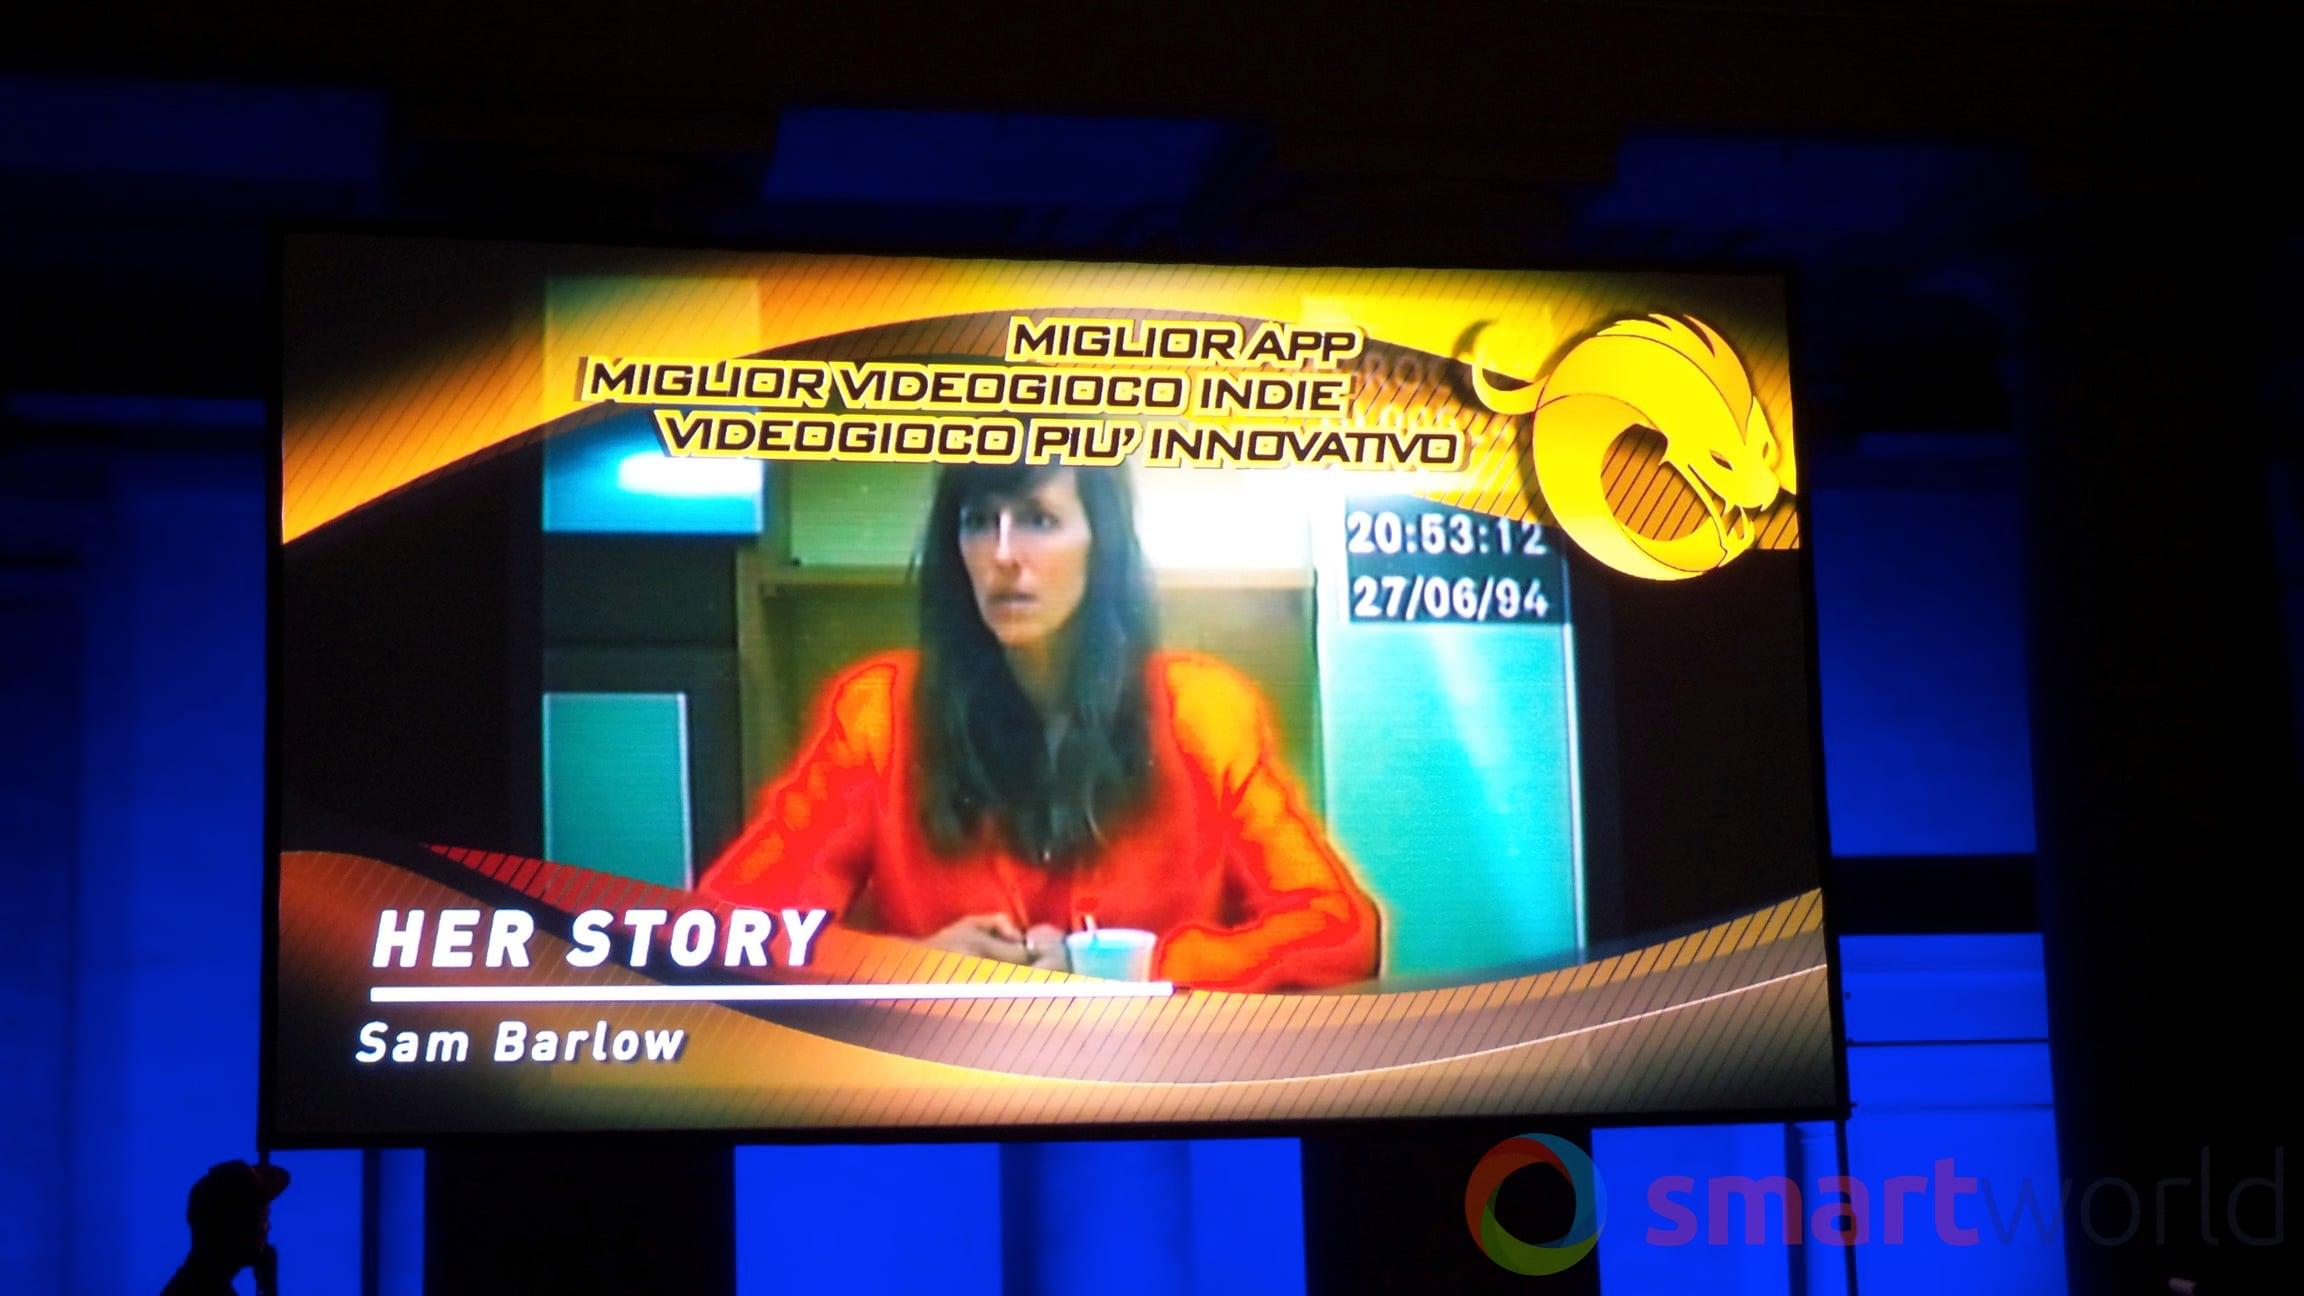 Drago d'Oro – Miglior app, videogioco indie, più innovativo – Her Story